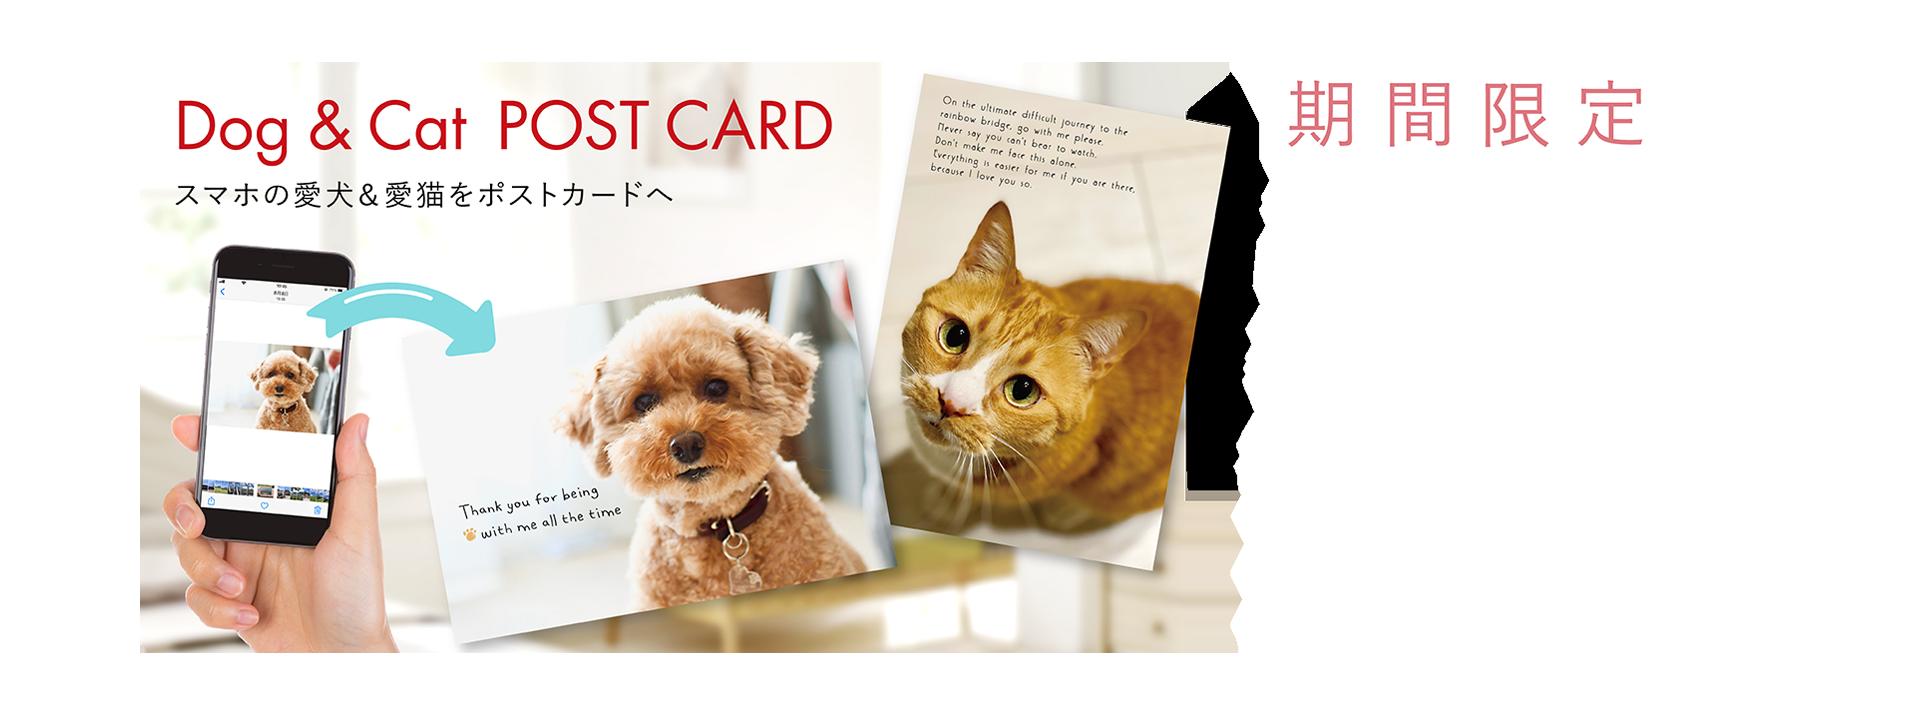 ペットポストカード